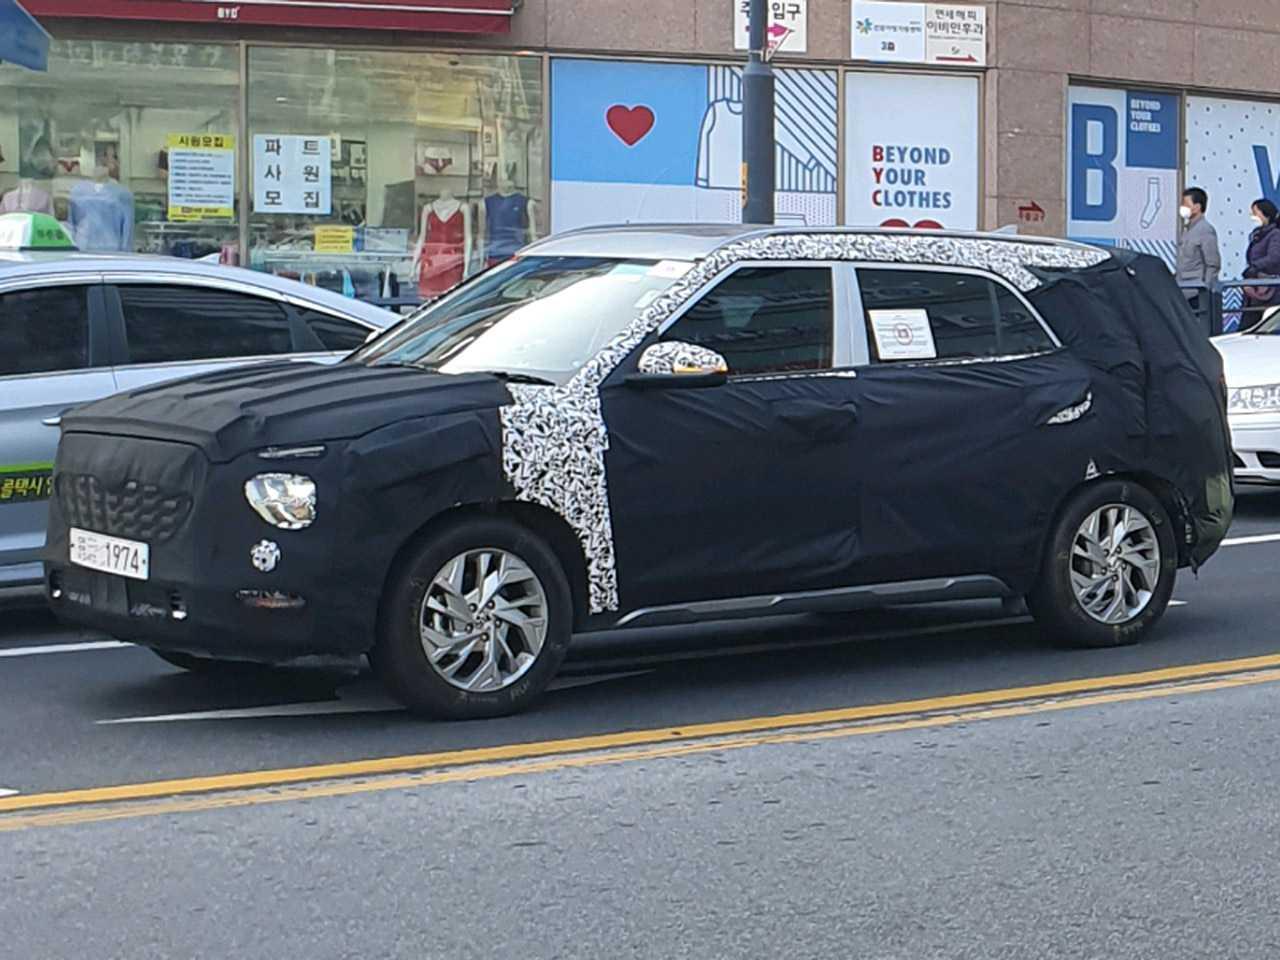 Flagra do inédito Hyundai Creta com 7 lugares